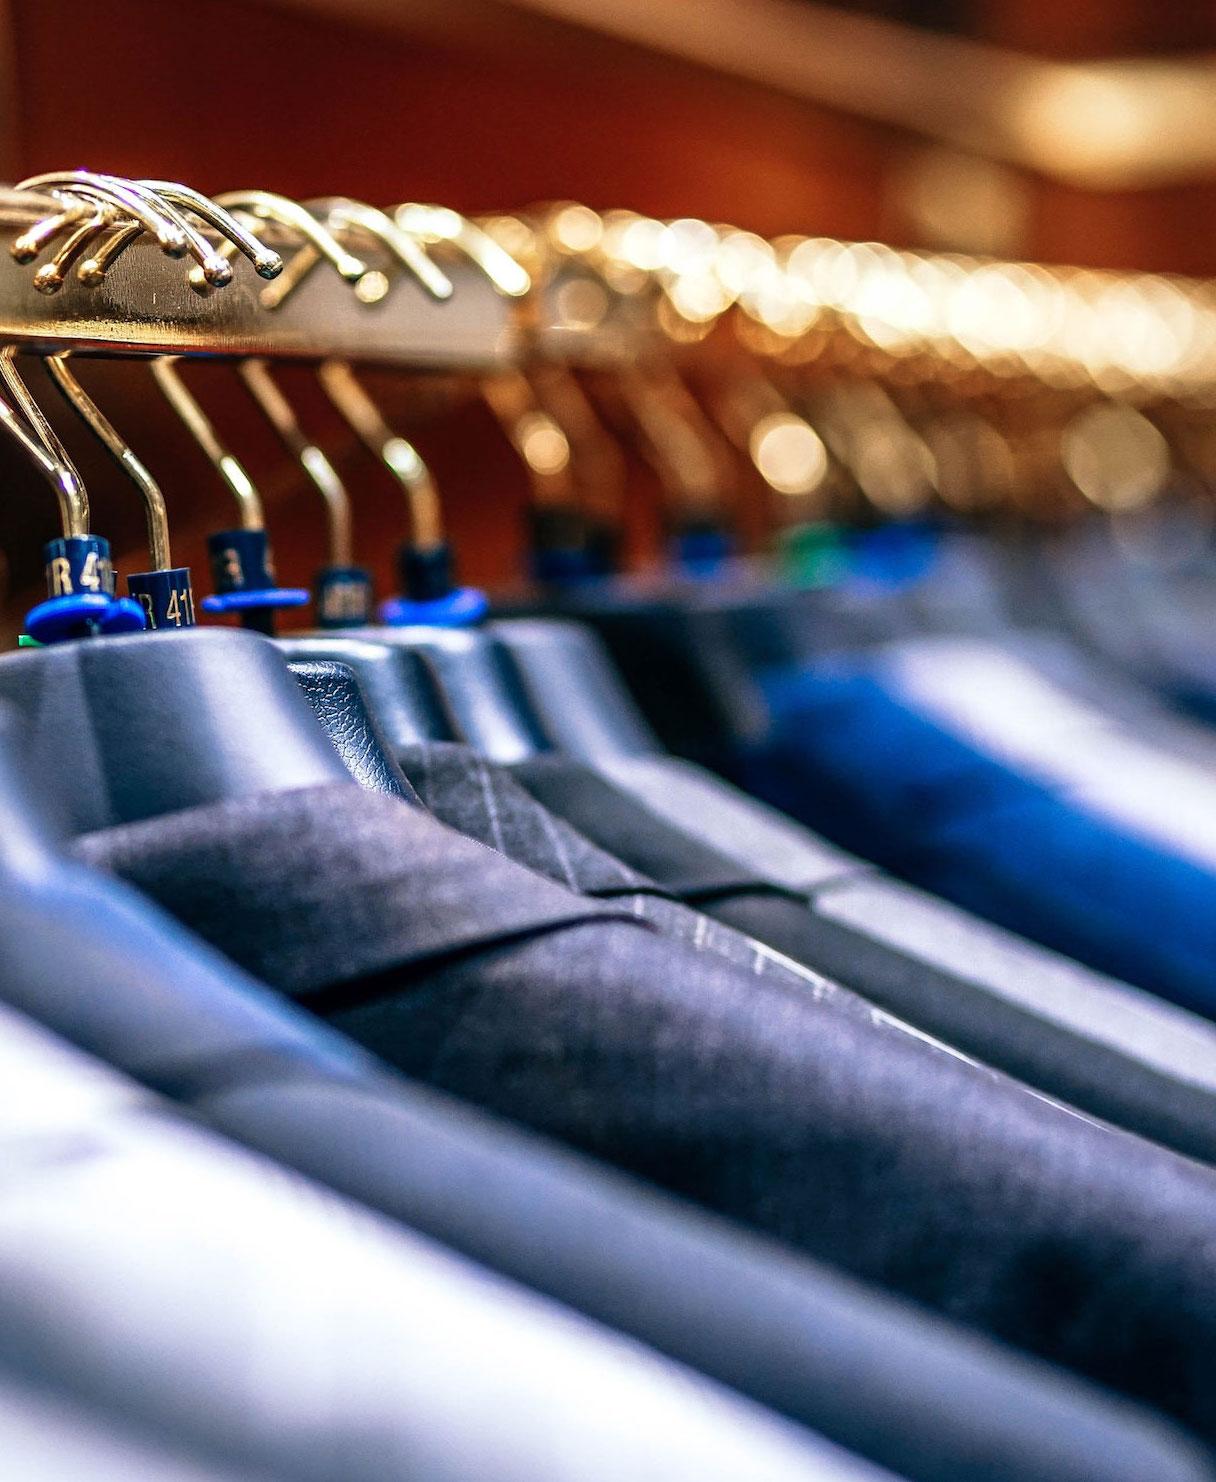 Skonsam tvätt - Skofix förmedlar kemtvätt.Tvätten lämnas och hämtas en gång i veckan.Exempel:Kostymer, dräkter, kappor, dunjackor, täcken, kuddar, madrasser och mattor.Kom och lämna in här →